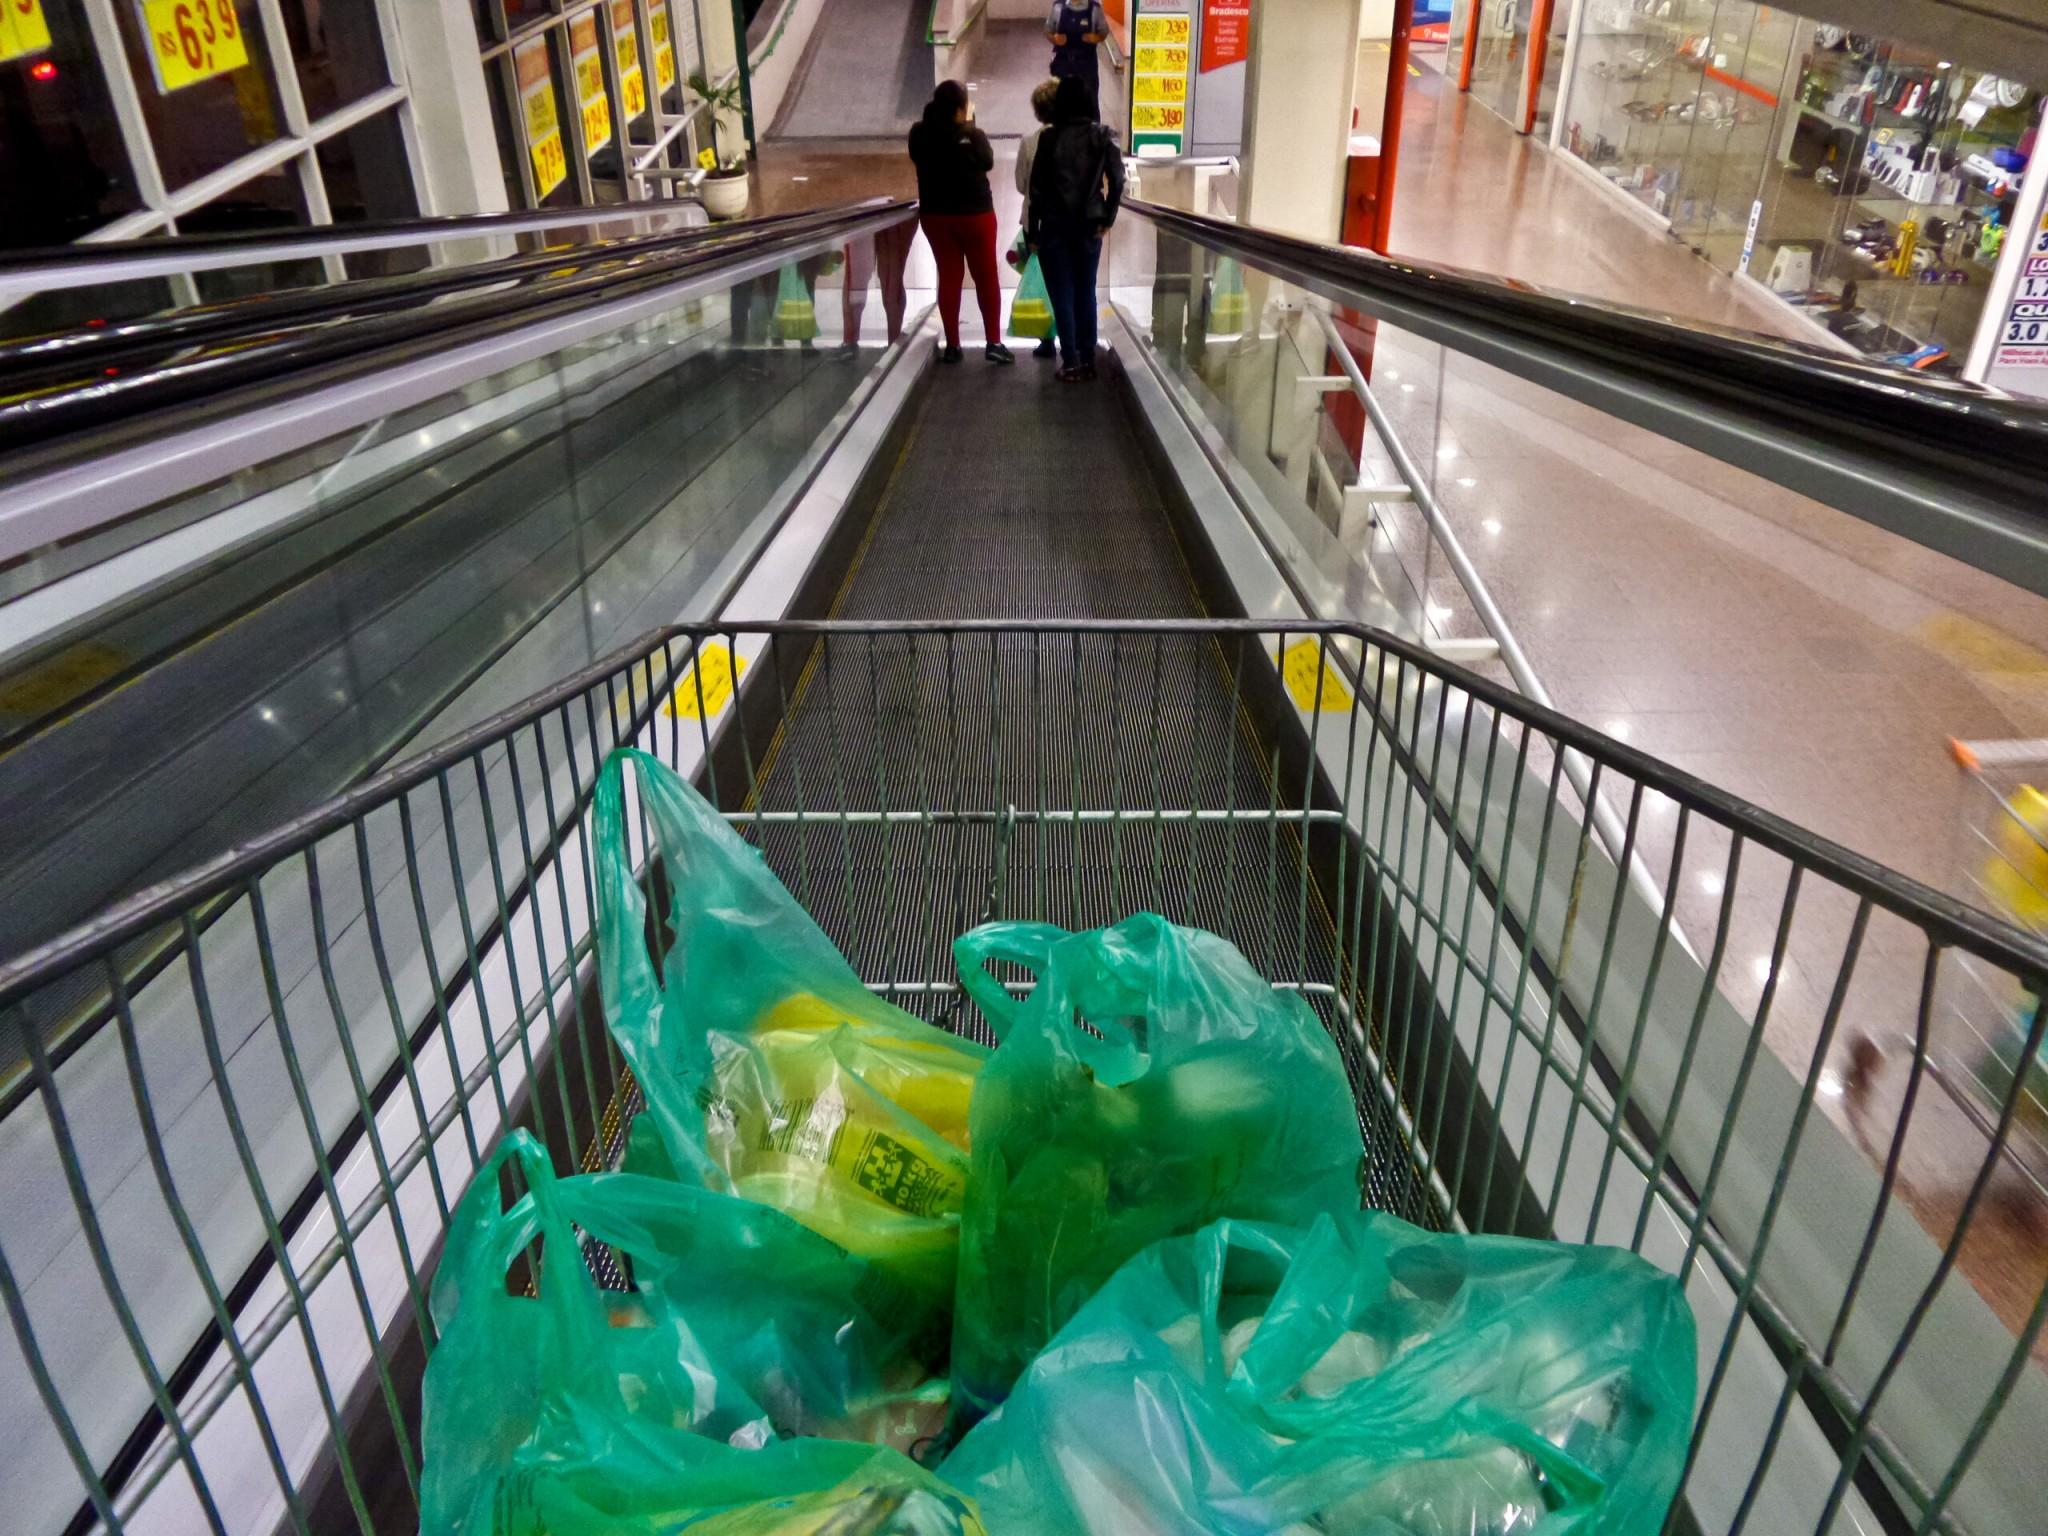 Supermercados, Alimentos